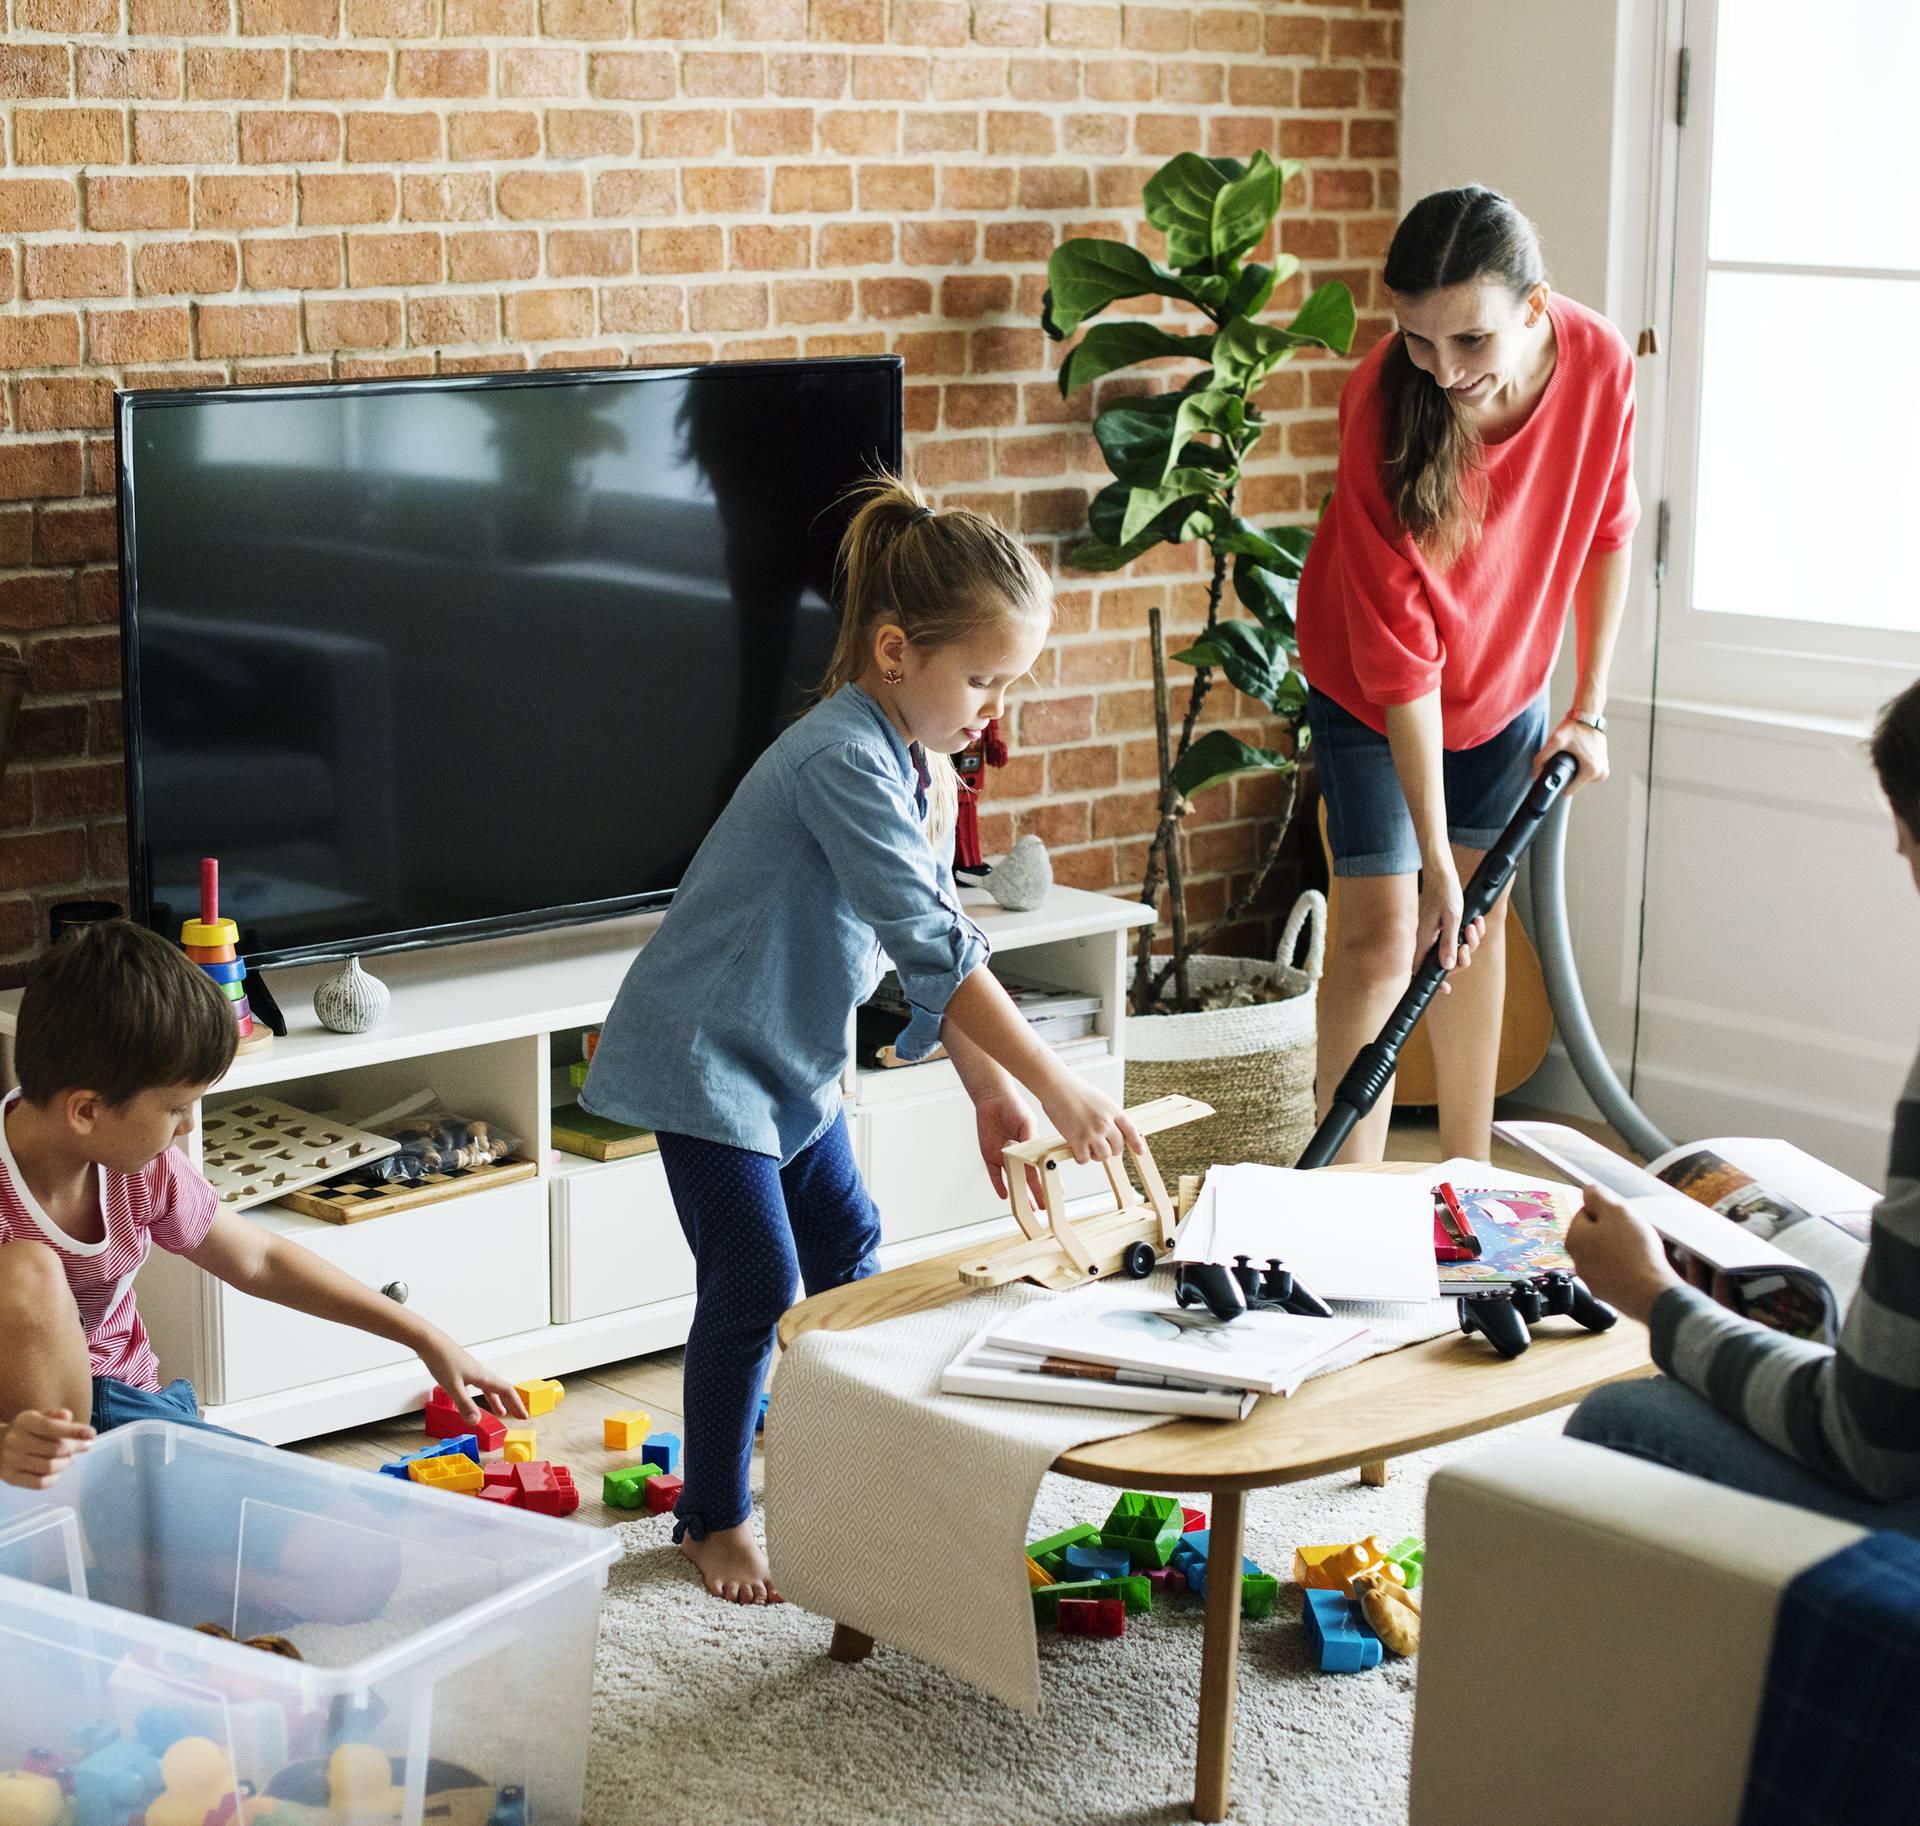 Ljudi često zaborave očistiti ovih 14 predmeta u kućanstvu